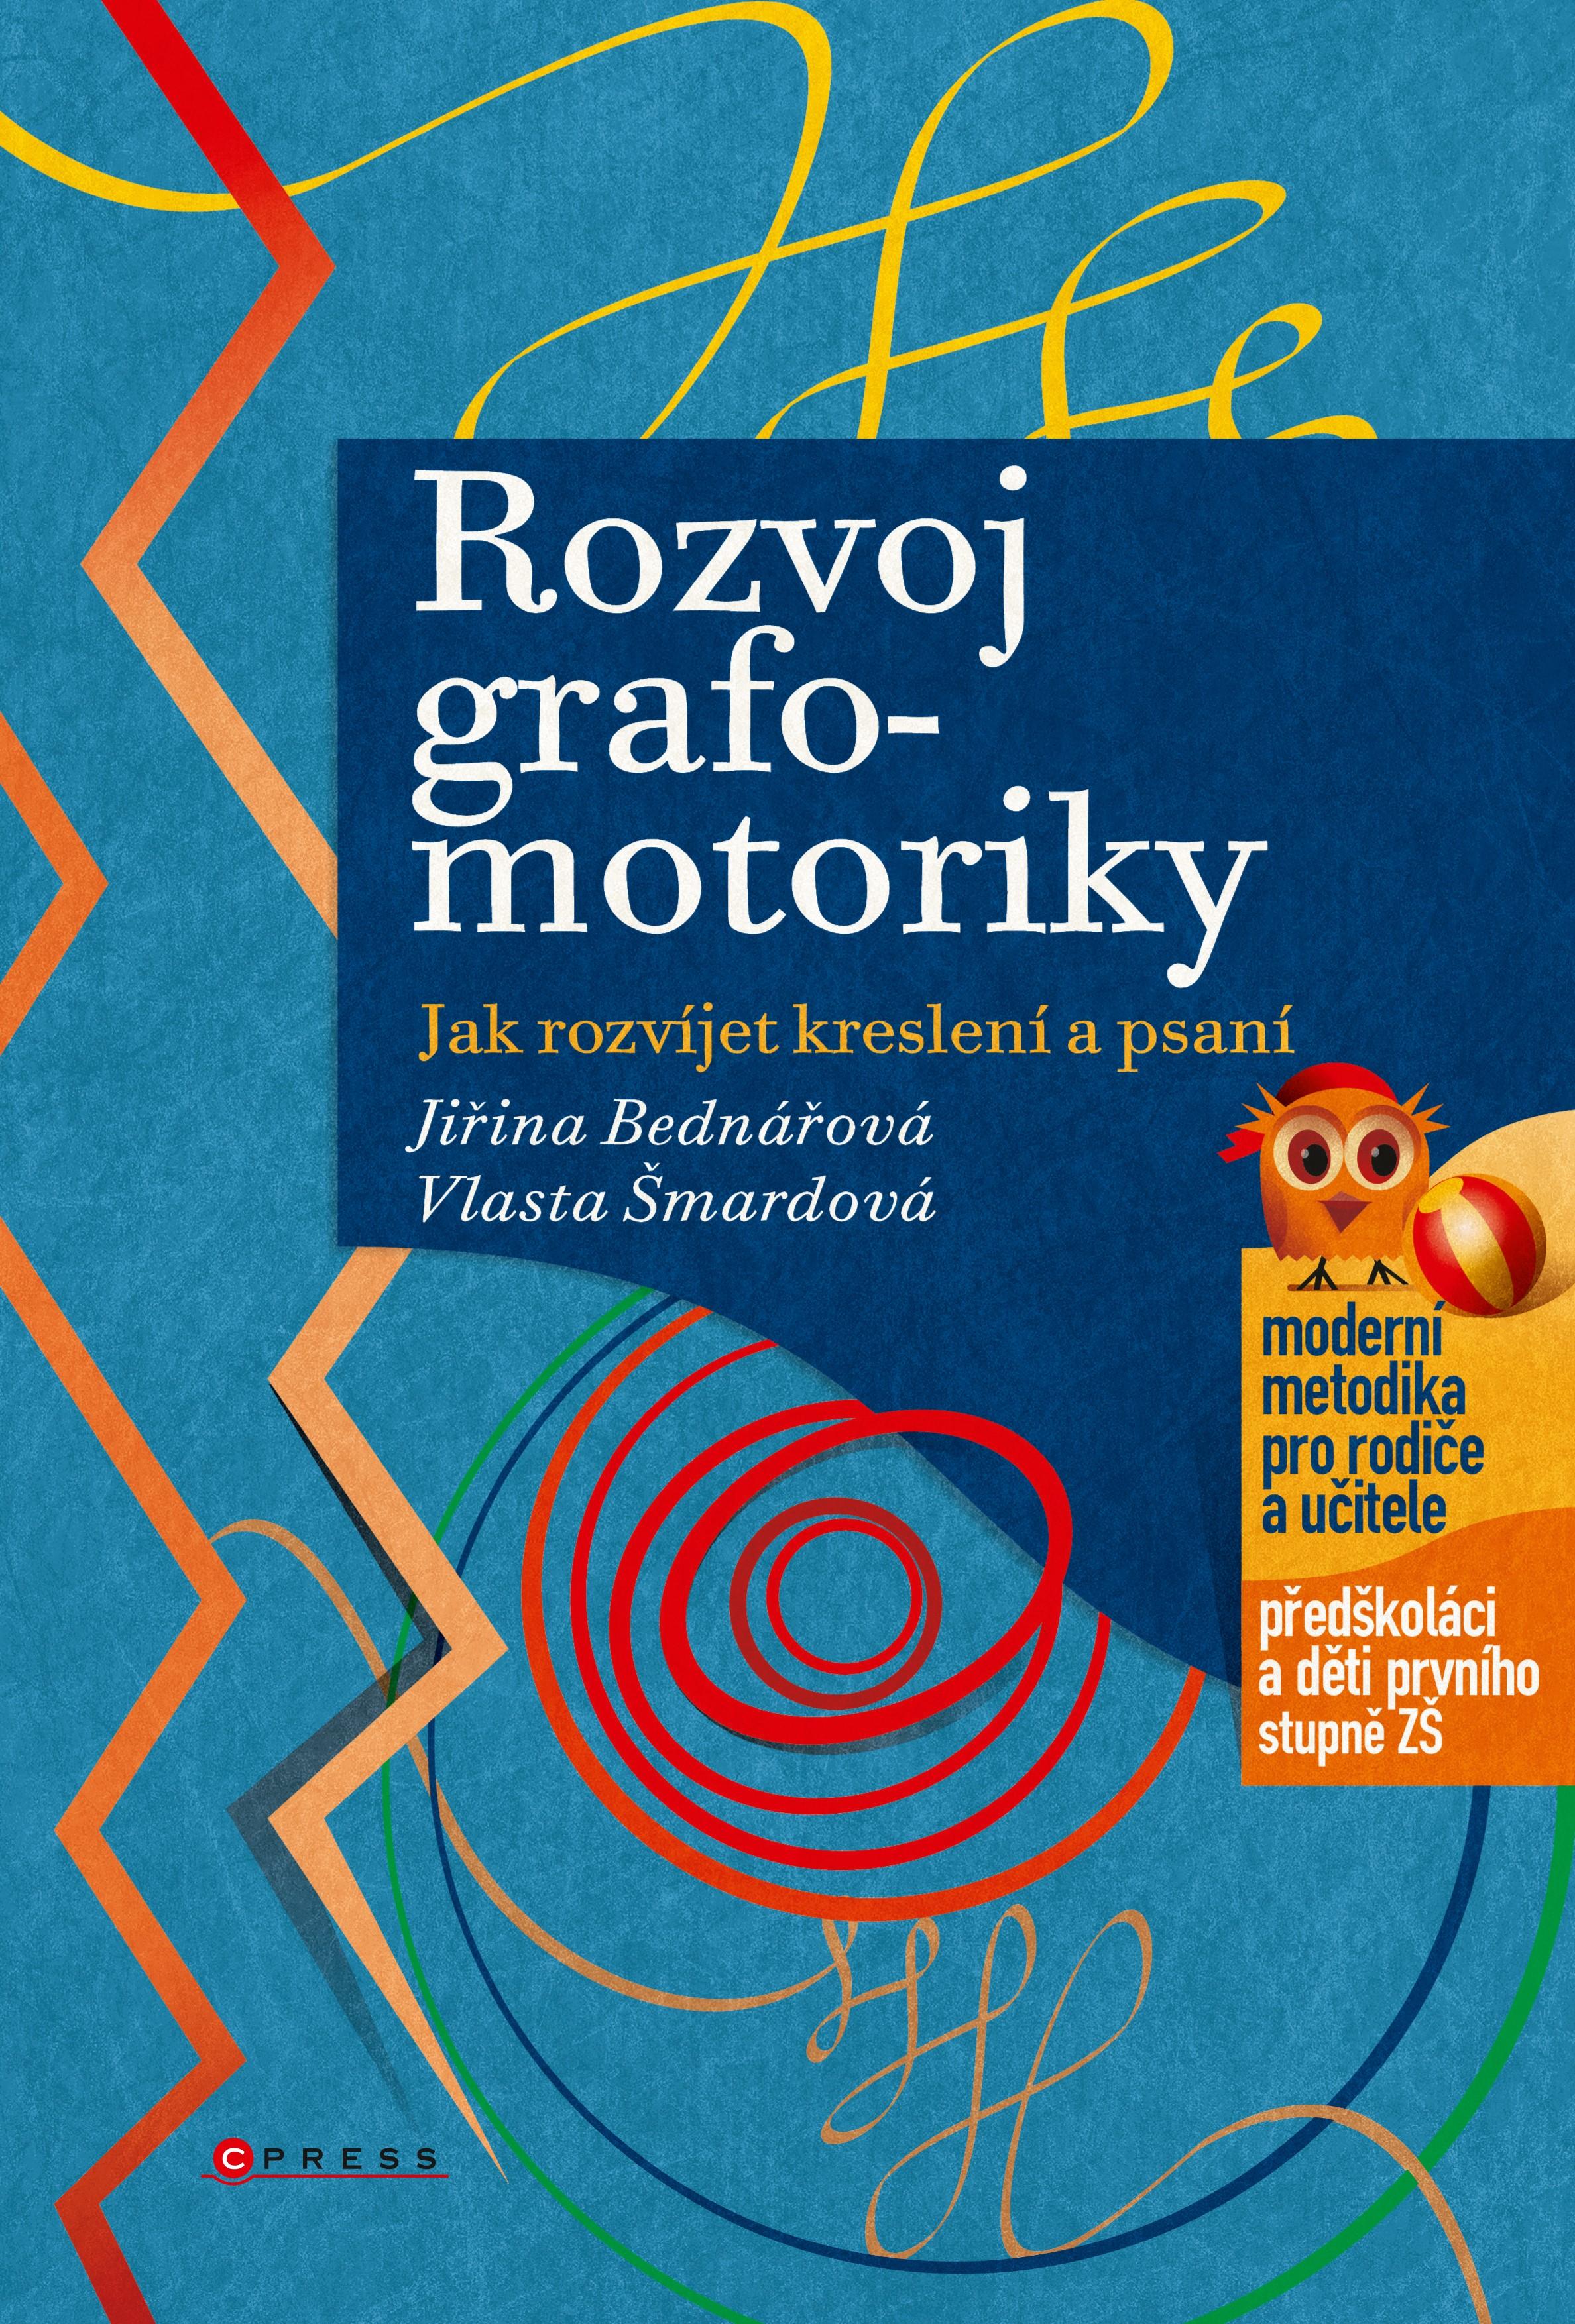 Rozvoj grafomotoriky | Jiřina Bednářová, Vlasta Šmardová